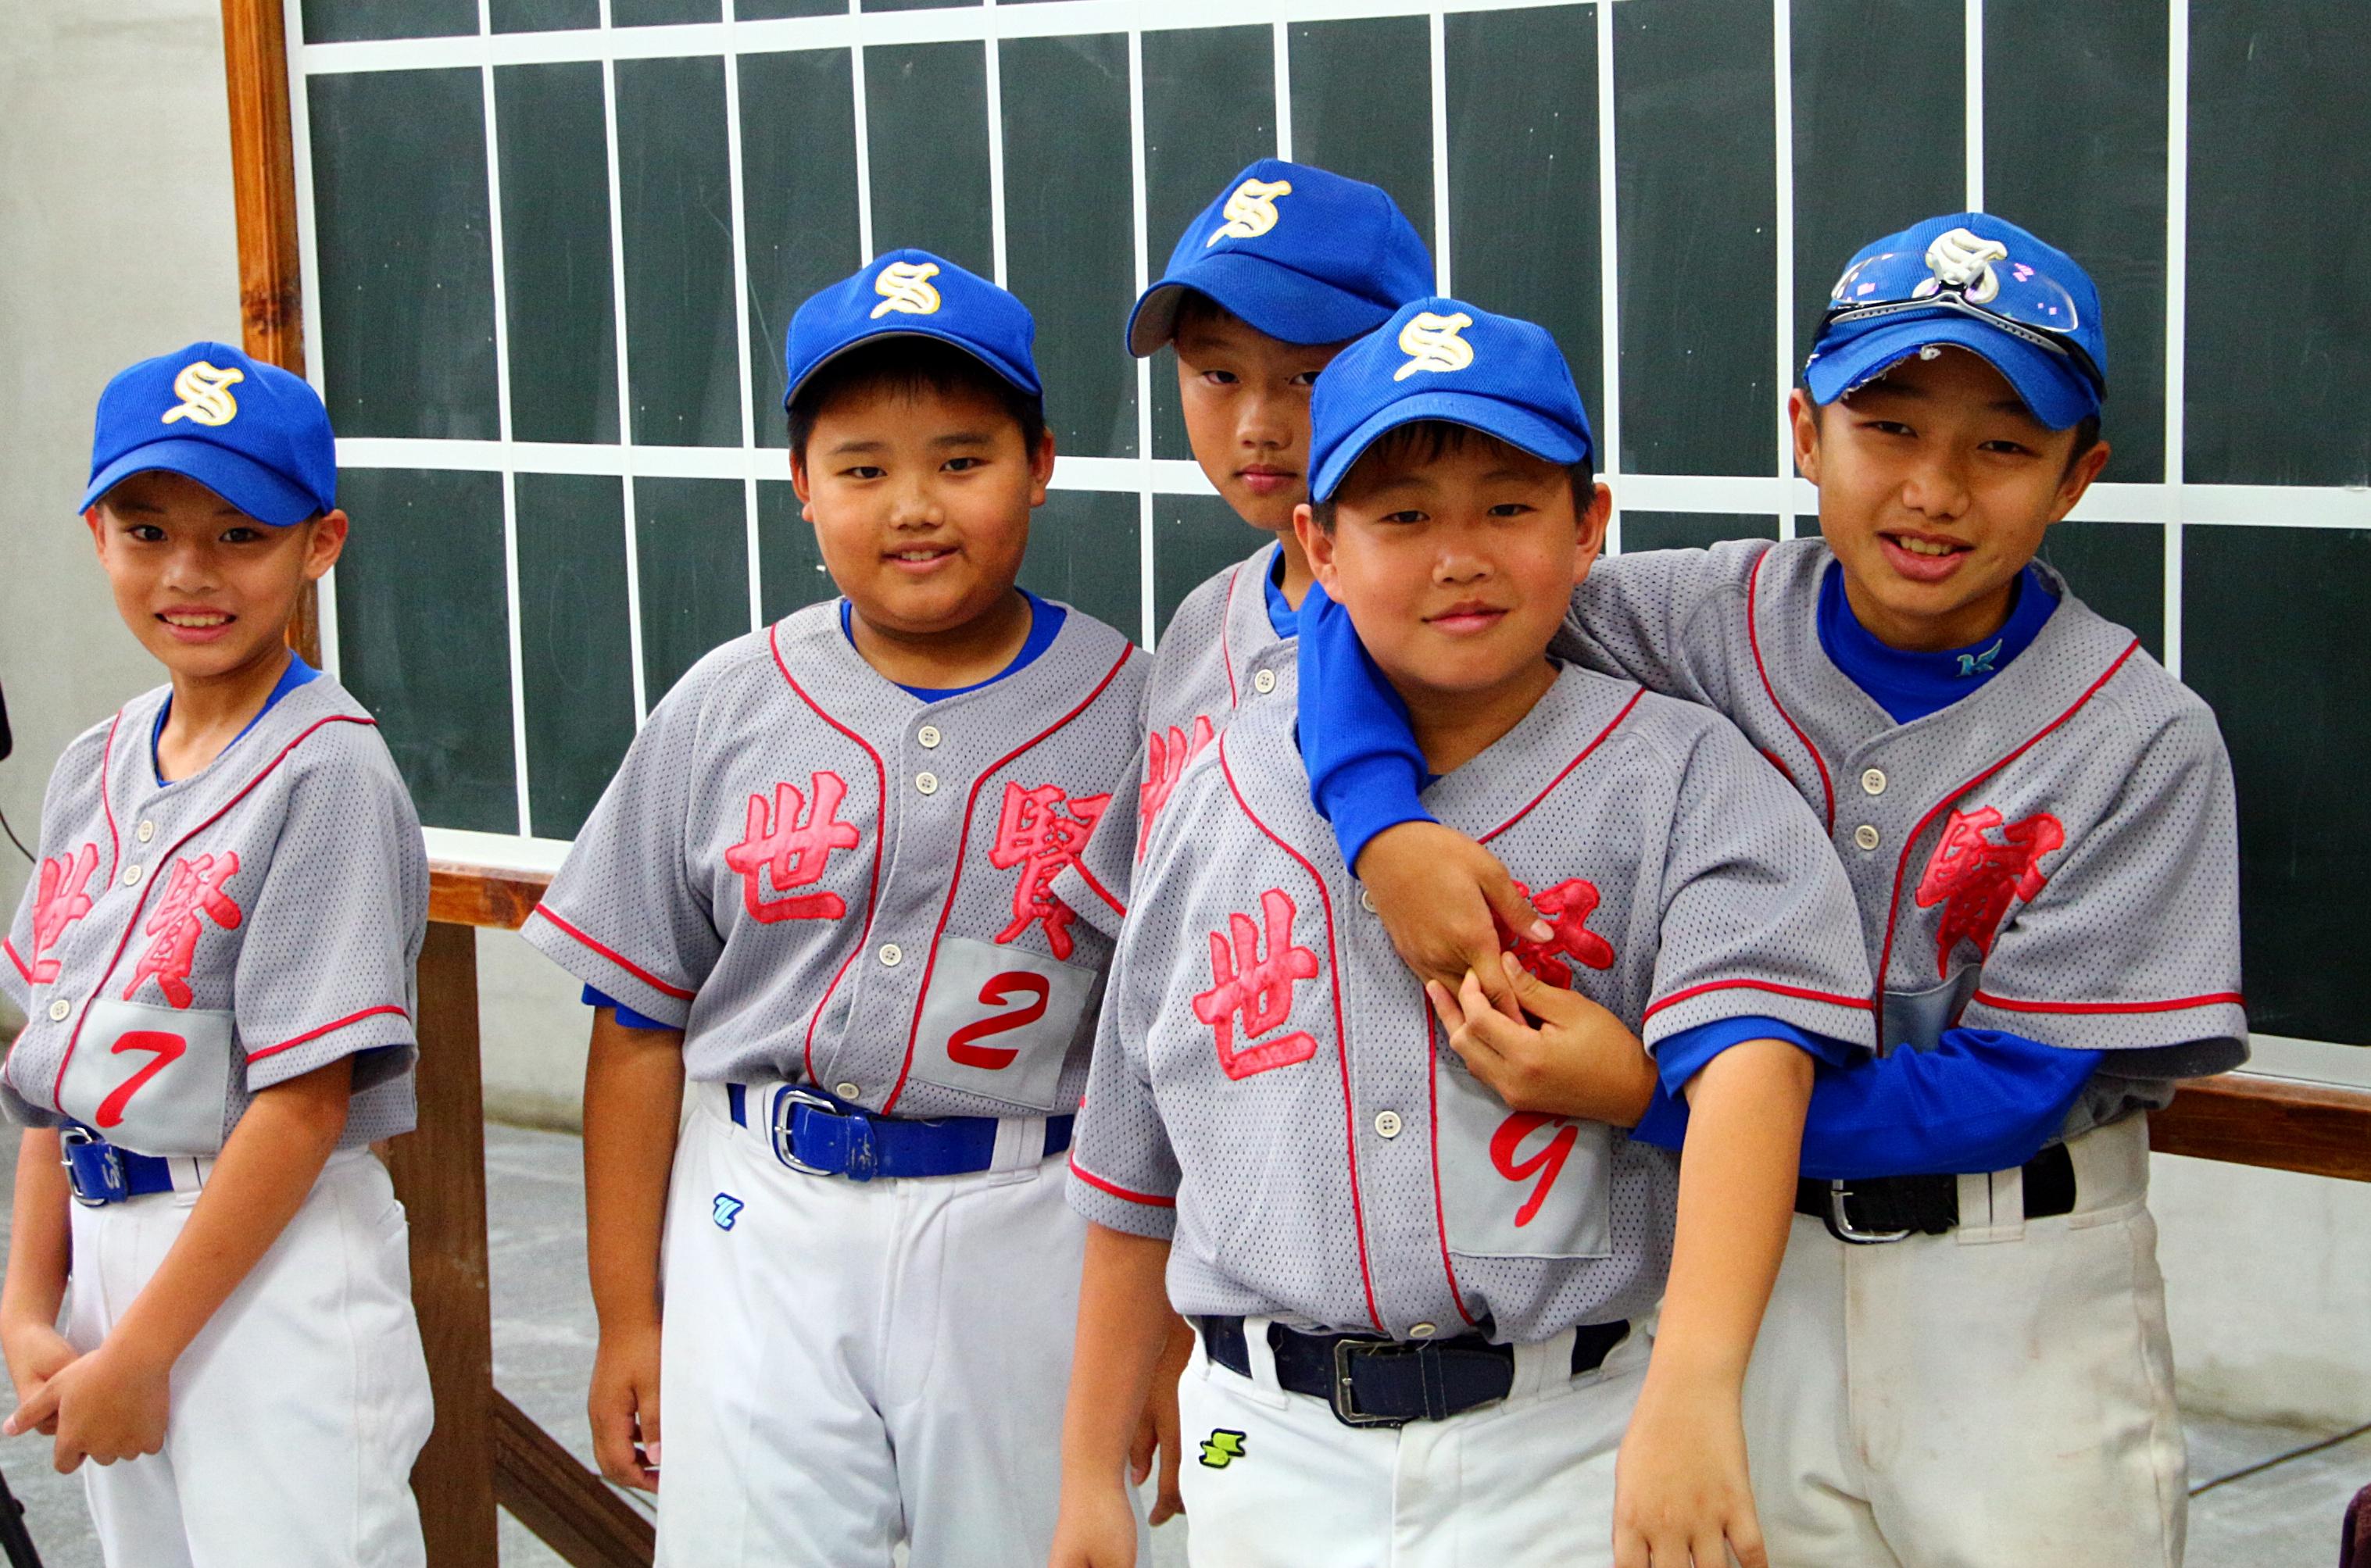 趙藤雄公益捐贈-幫助台灣棒球魂不滅